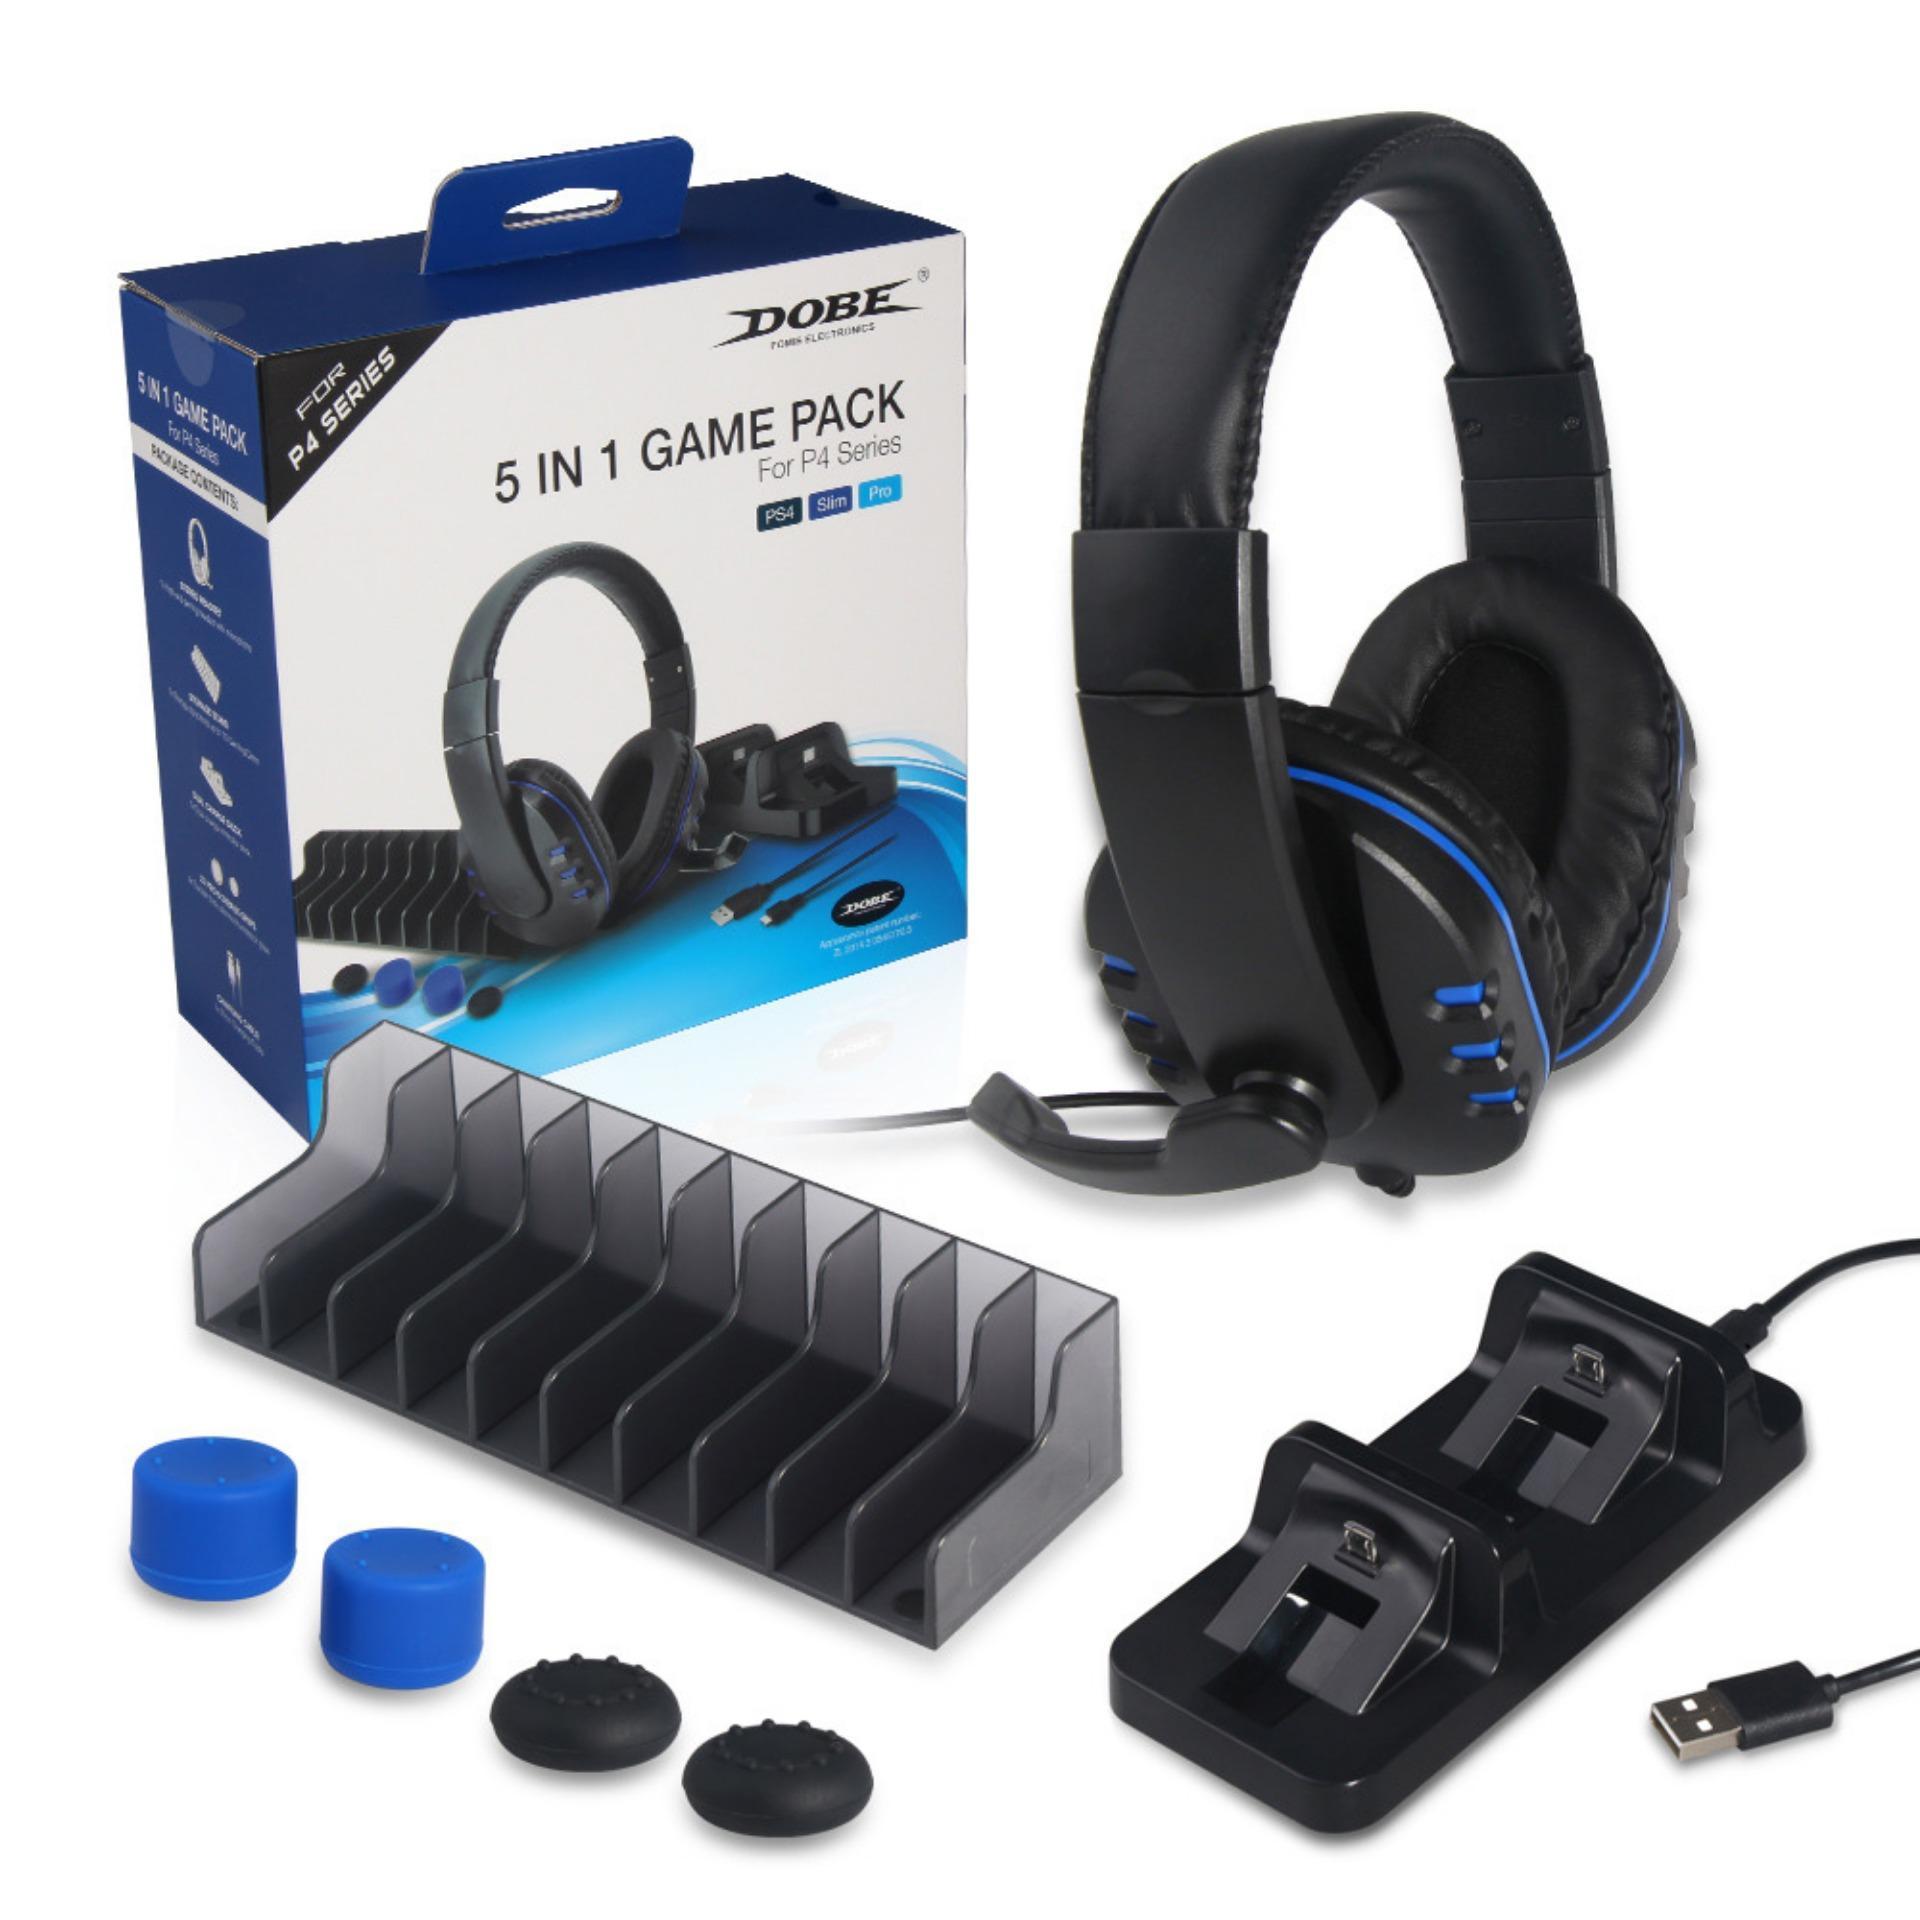 Combo Gamer Pack Dobe 5 En 1